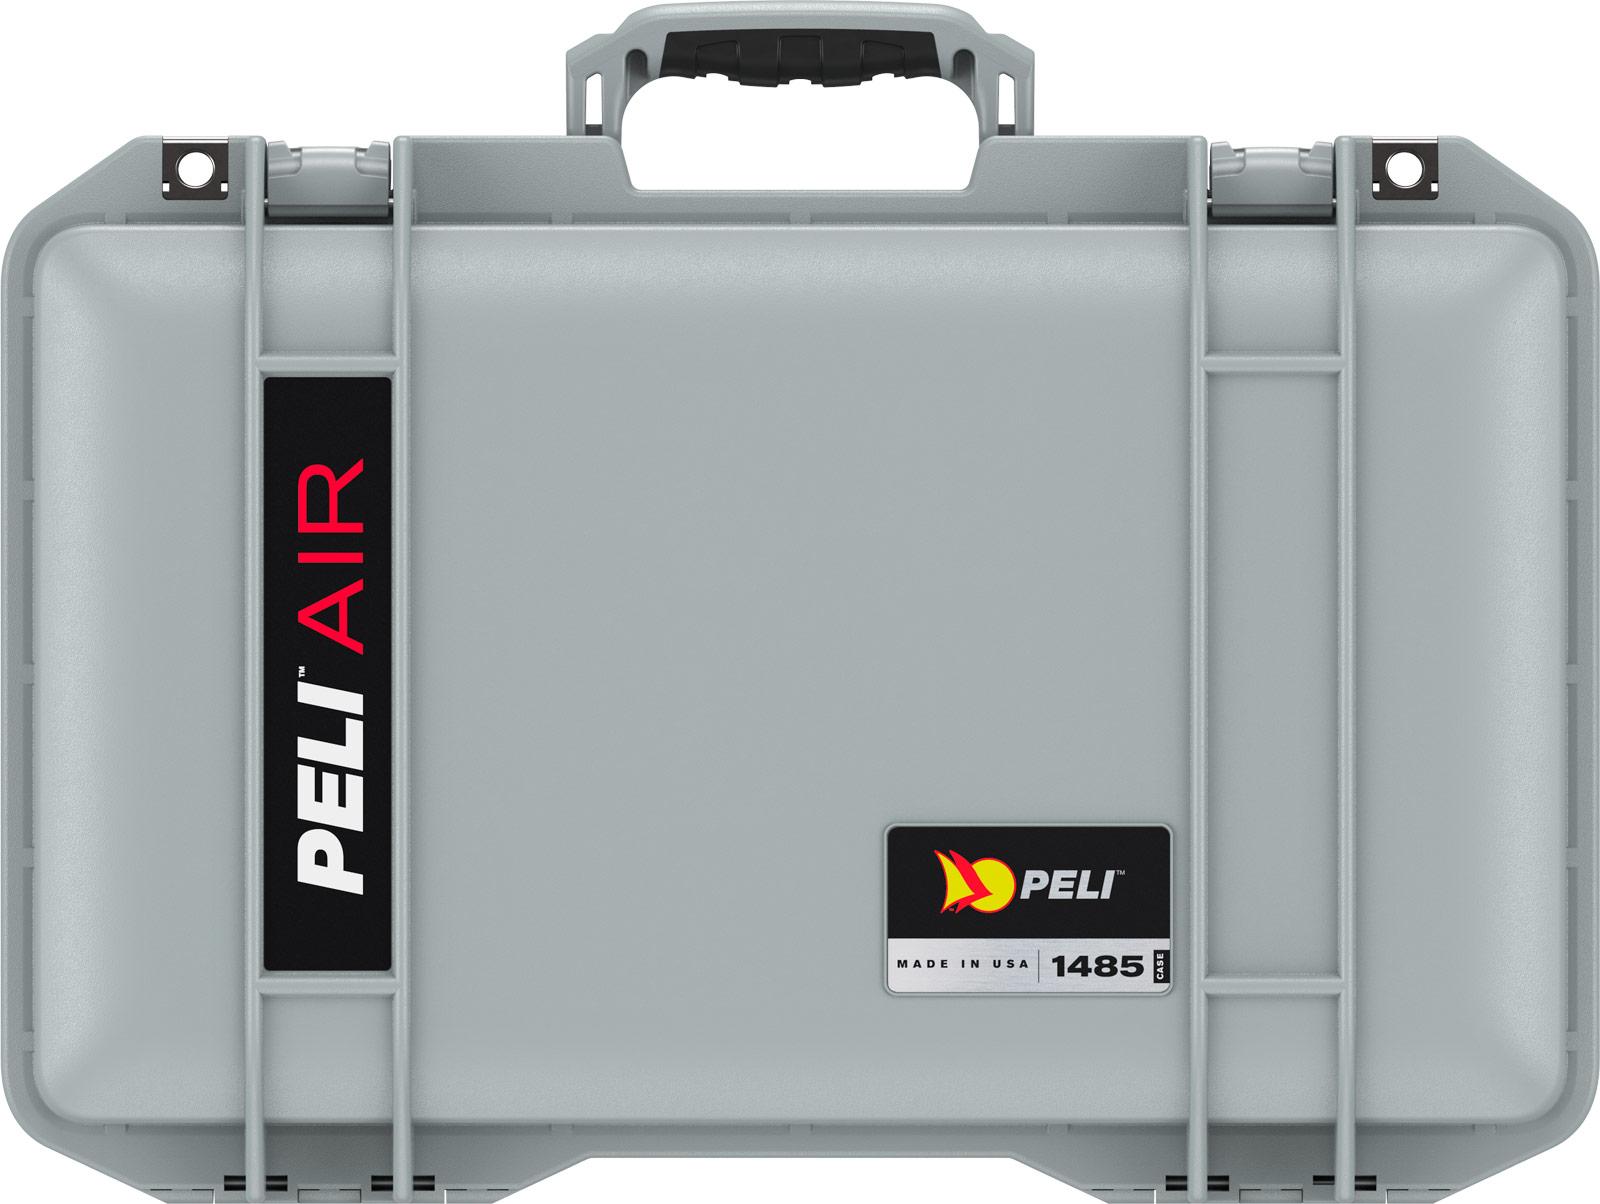 peli 1485 waterproof case air cases